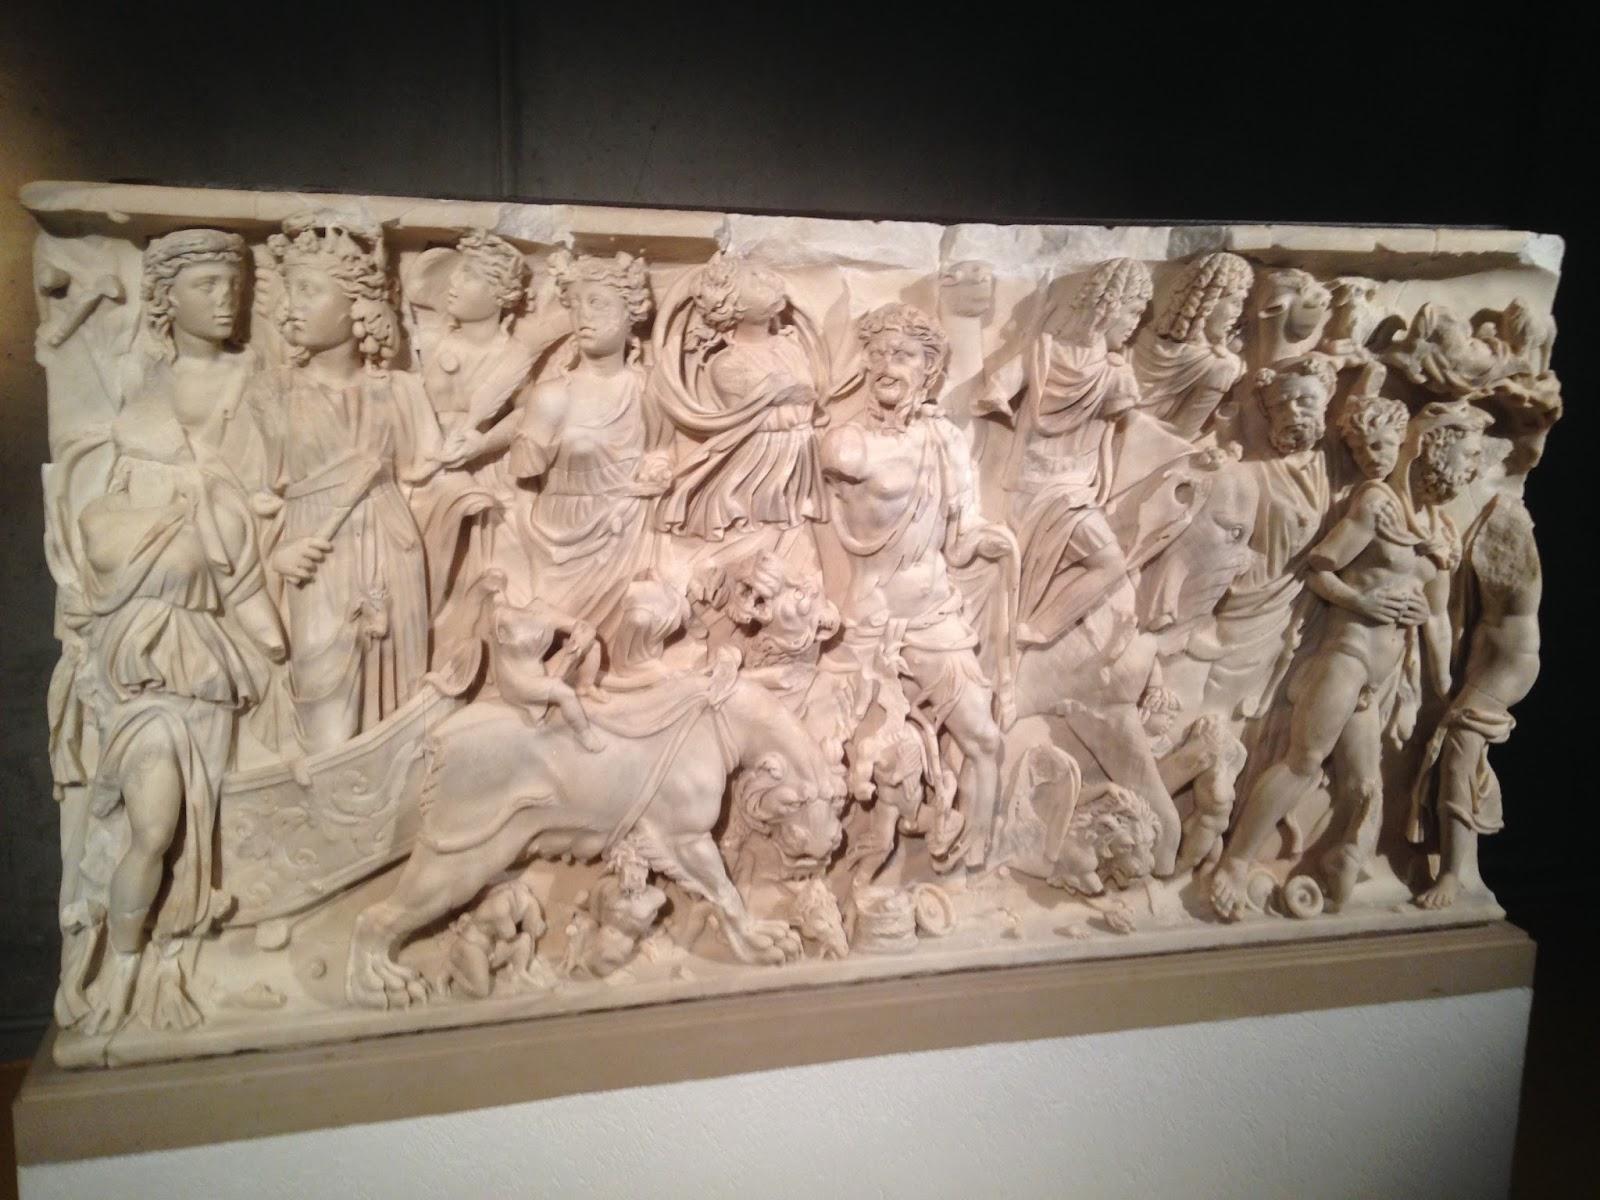 Le triomphe de Bacchus, Marbre, découvert à Saint-Irénée vers 1800